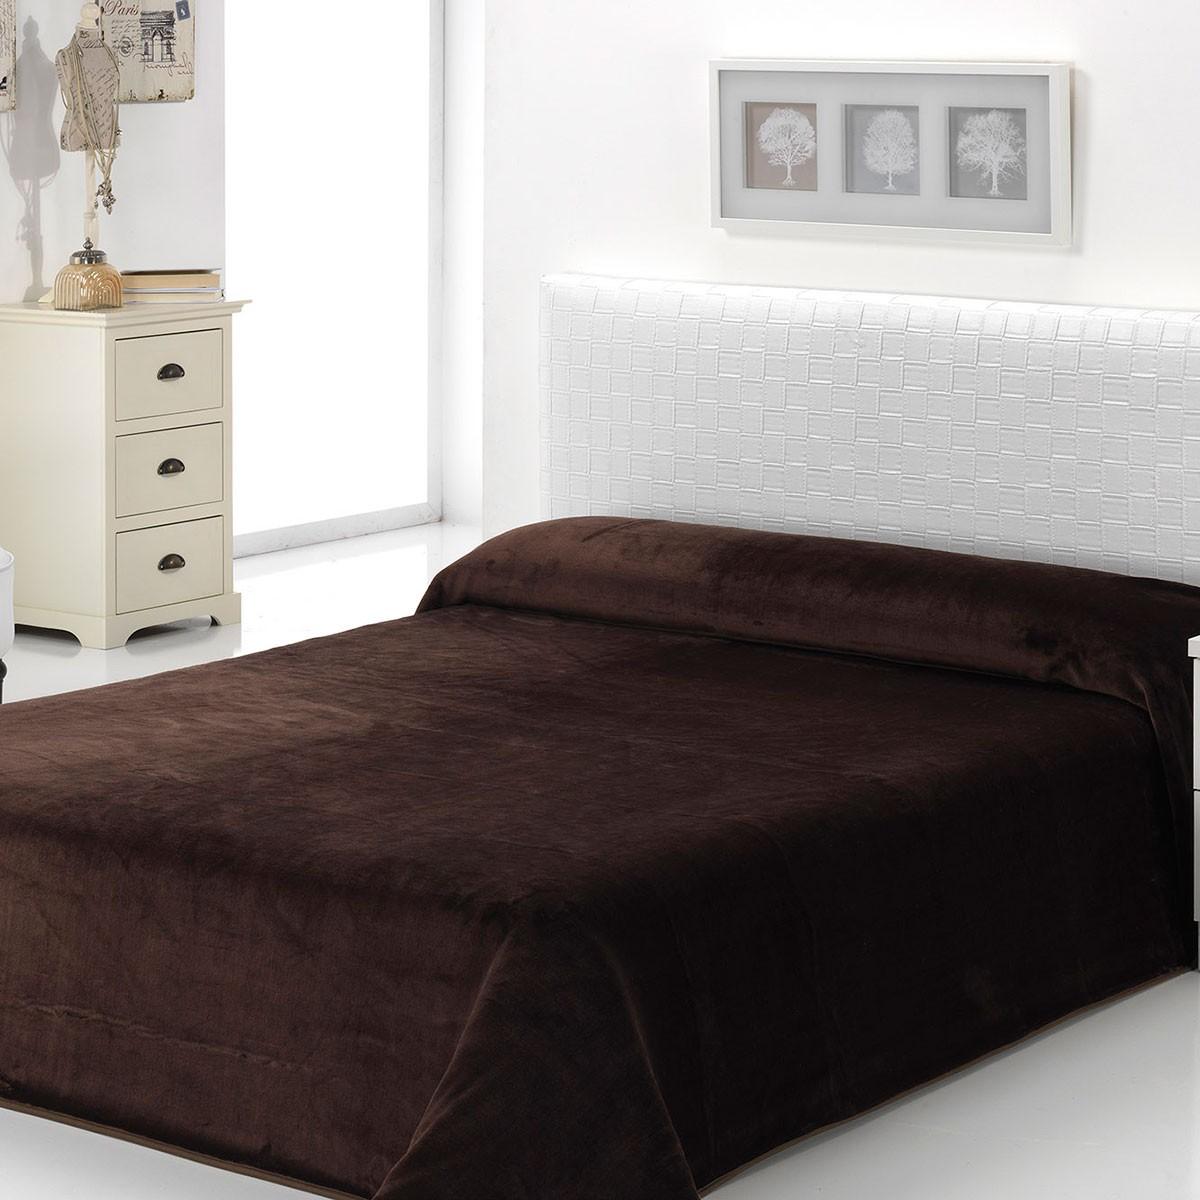 Κουβέρτα Βελουτέ Μονή Morven Dolce B93/33 Brown home   κρεβατοκάμαρα   κουβέρτες   κουβέρτες βελουτέ μονές